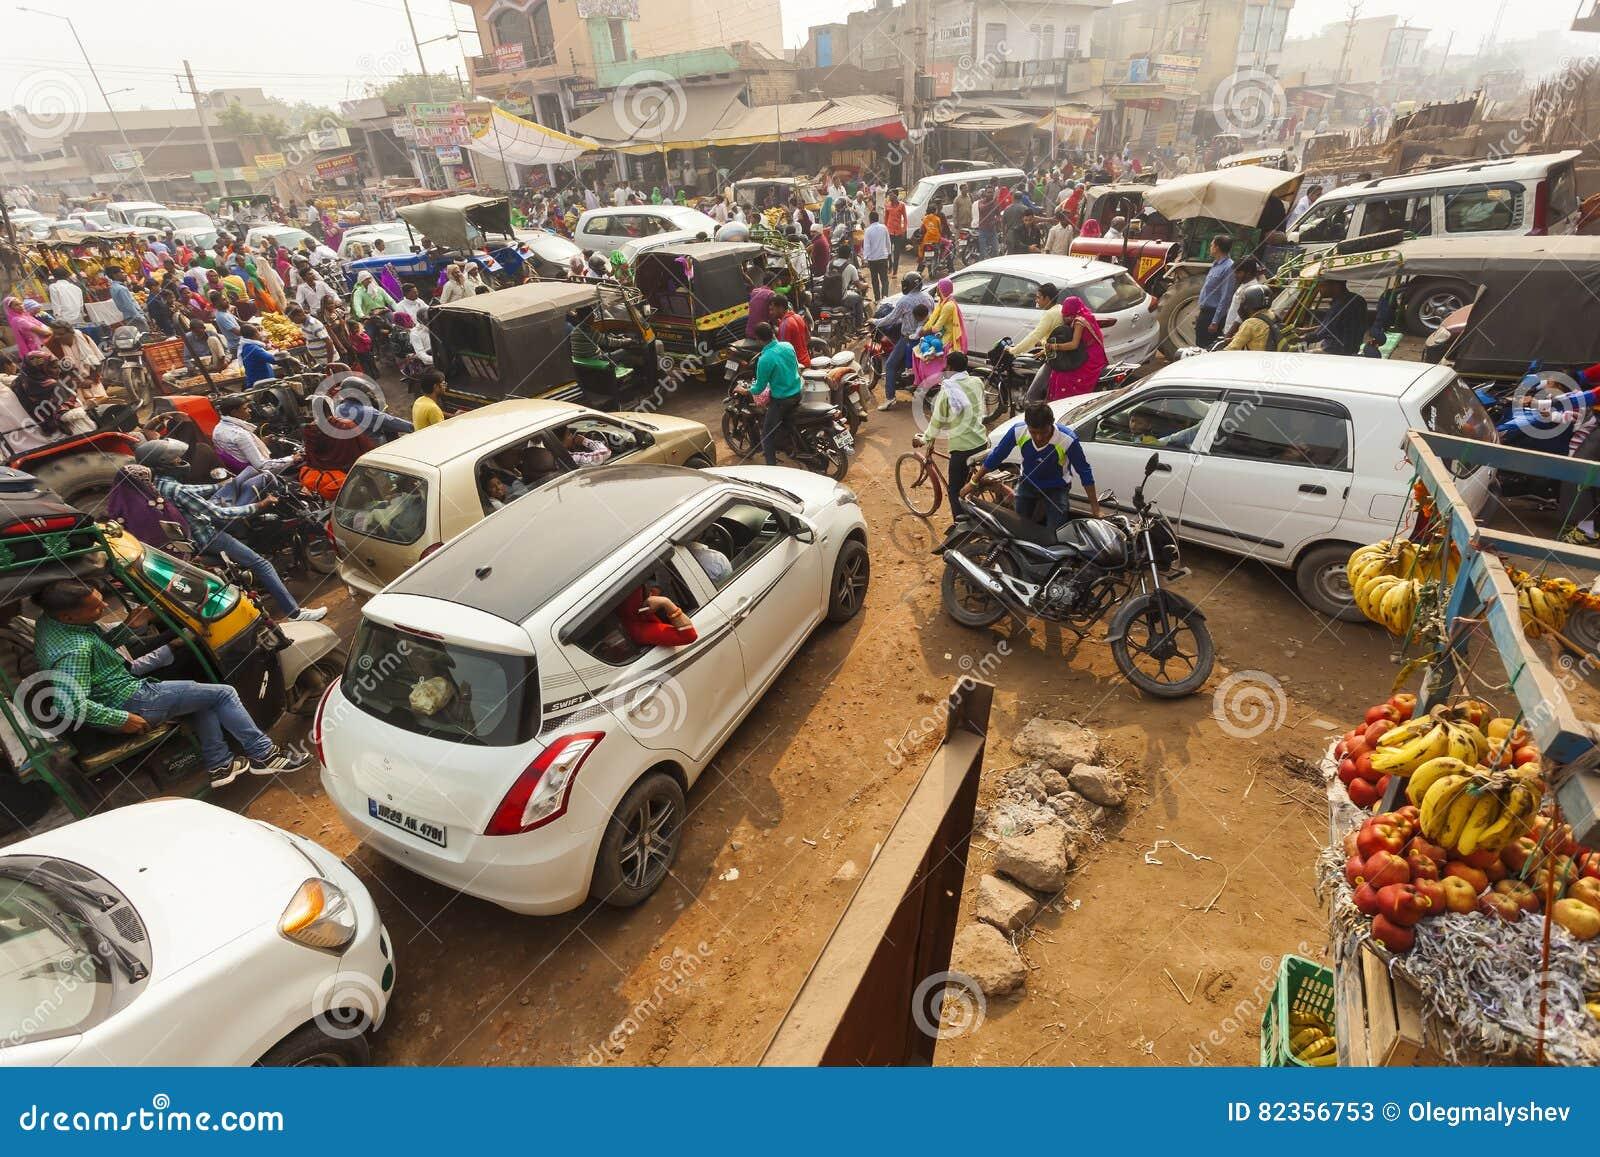 Traffichi sulle vie di grande disordine I tassì, i ciclomotori ed i pedoni attraversano senza alcun ordine